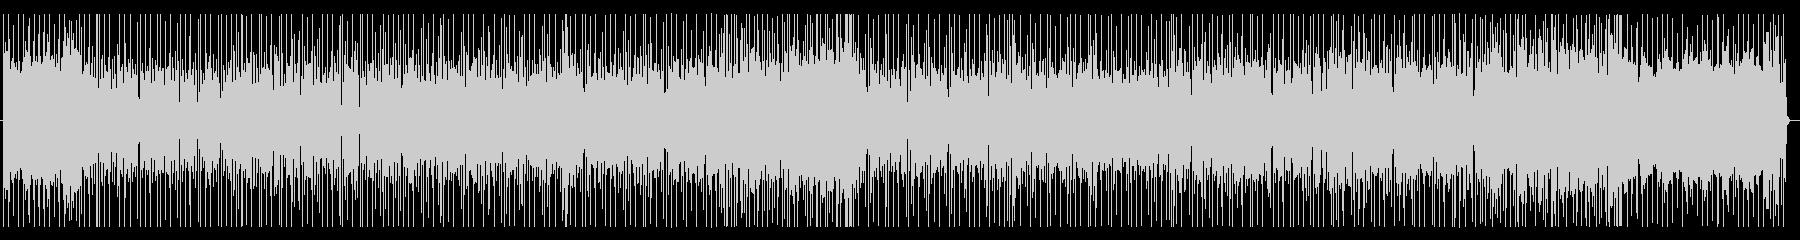 未来感あふれるファンキーなロックBGMの未再生の波形